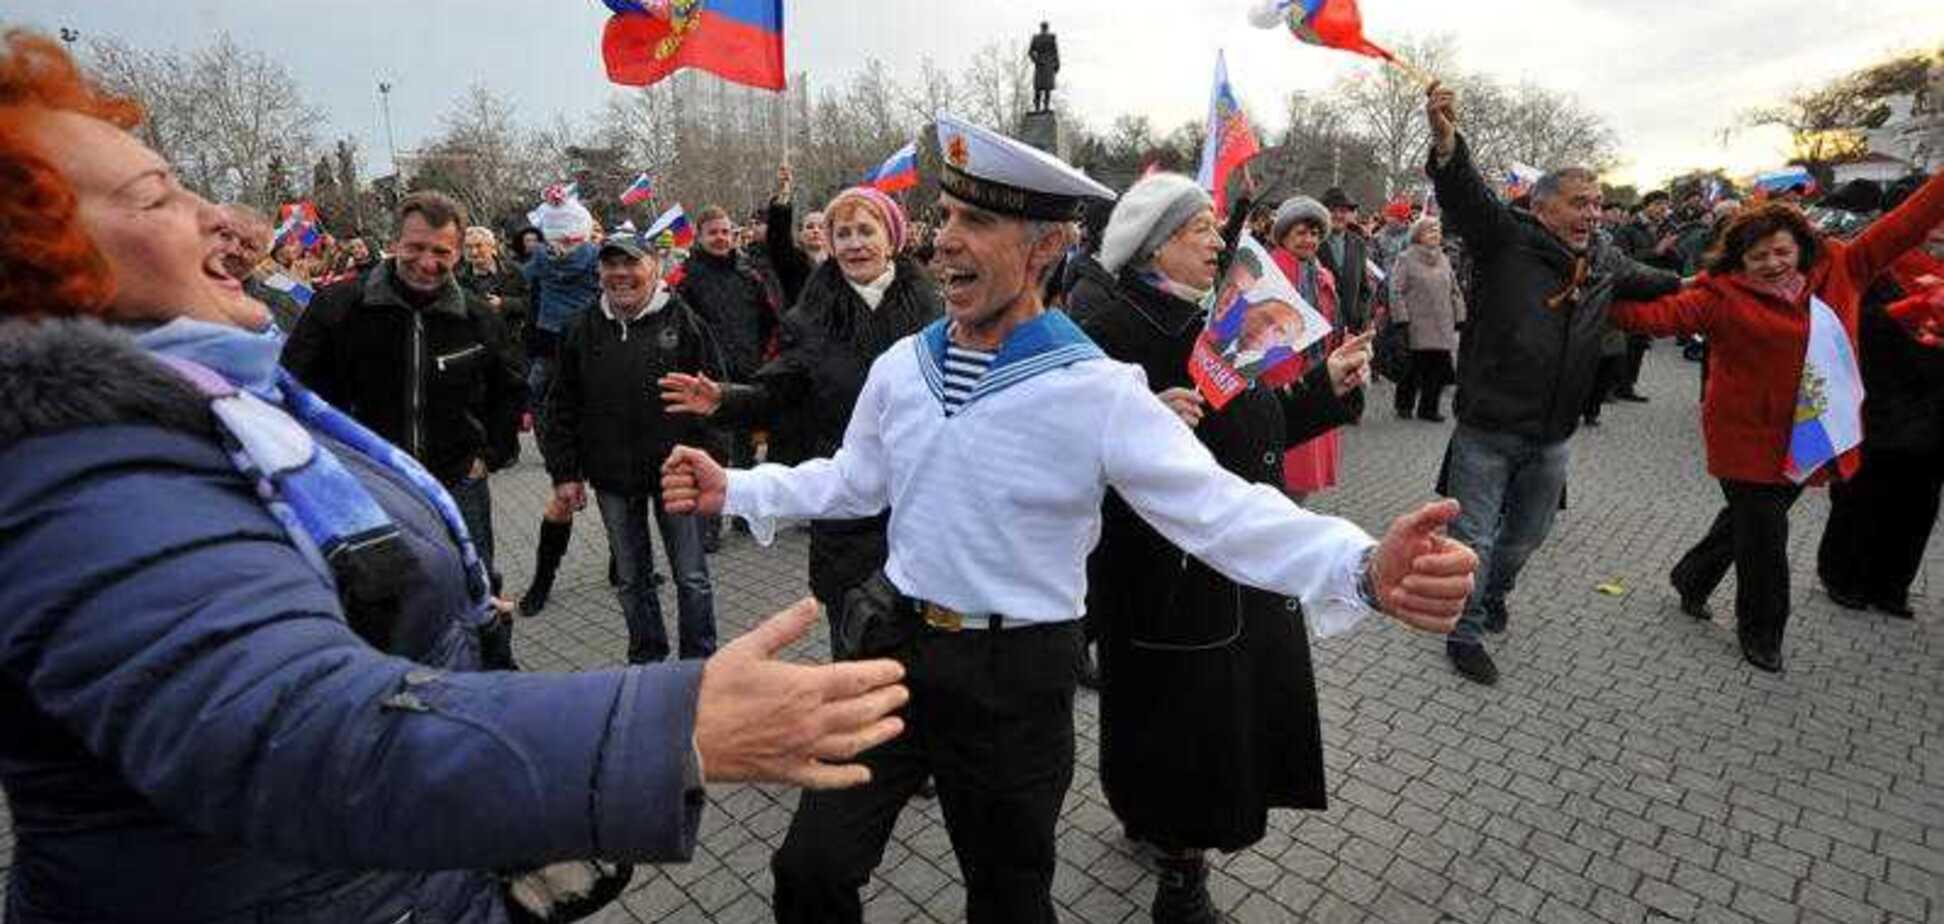 Геніальний спосіб: Голишев повідомив, як Крим повернеться в Україну